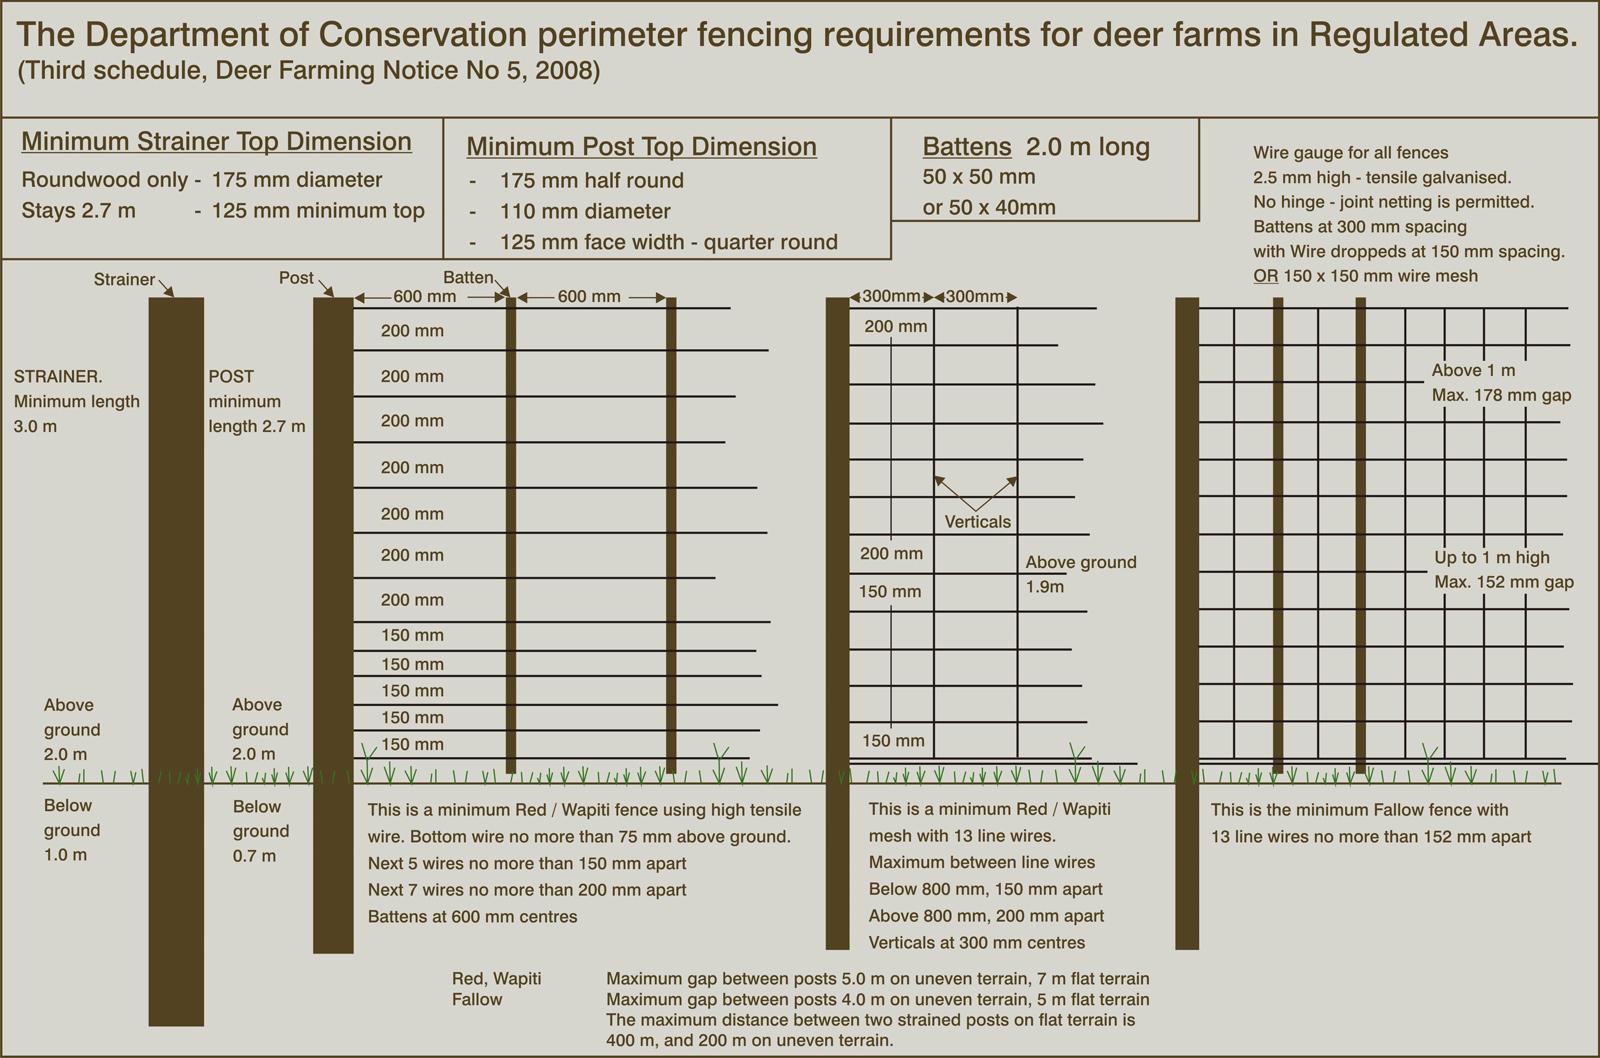 Deer Farming Requirements In The Auckland Region Deer